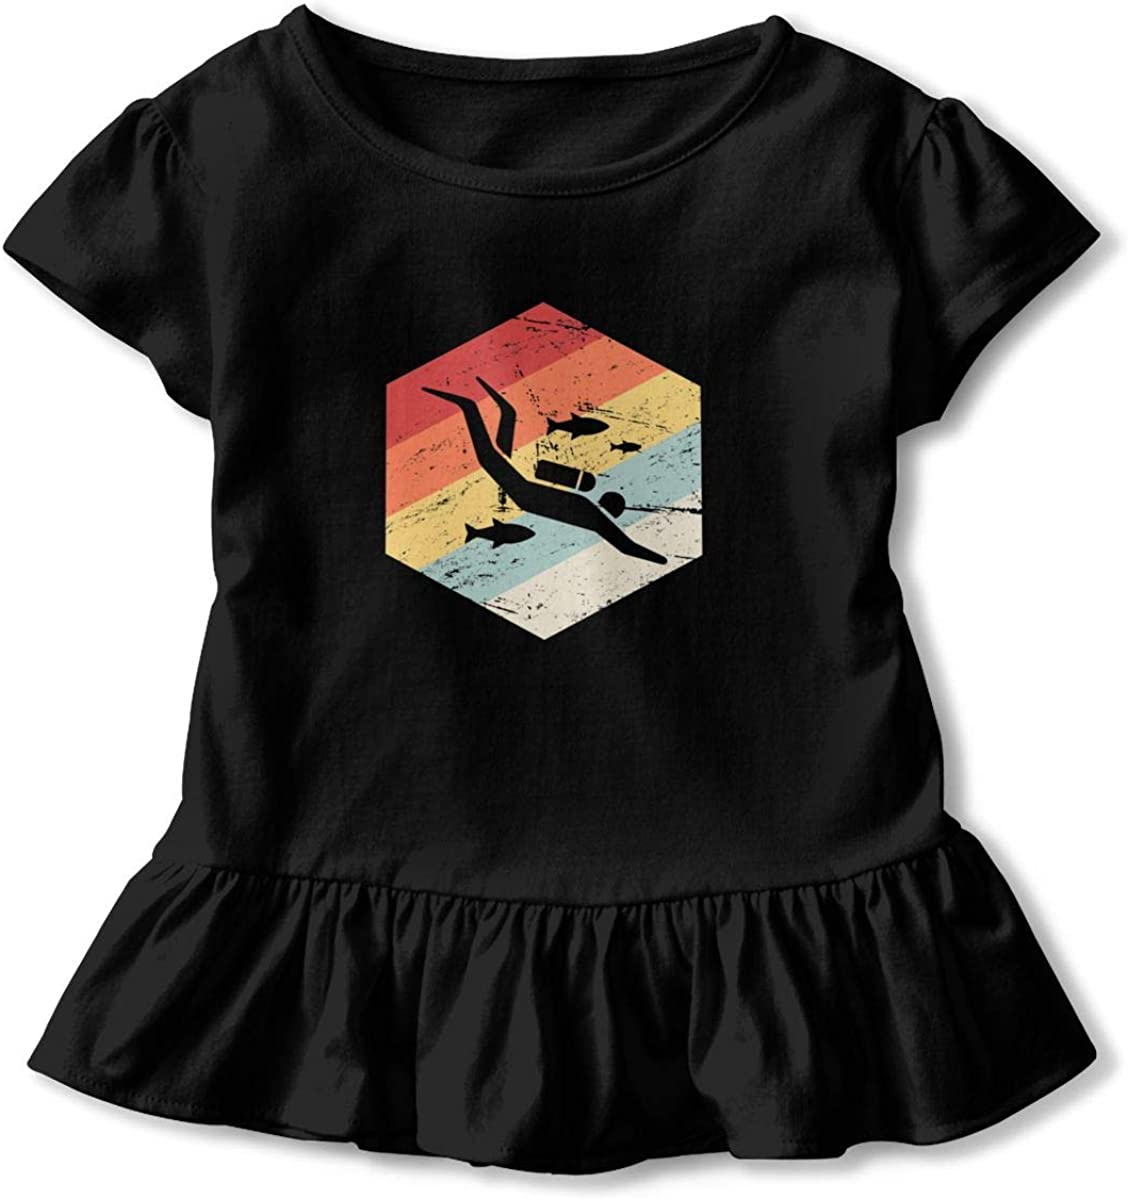 Scuba Diver Baby Girls Round Collar T-Shirt Help Shirt